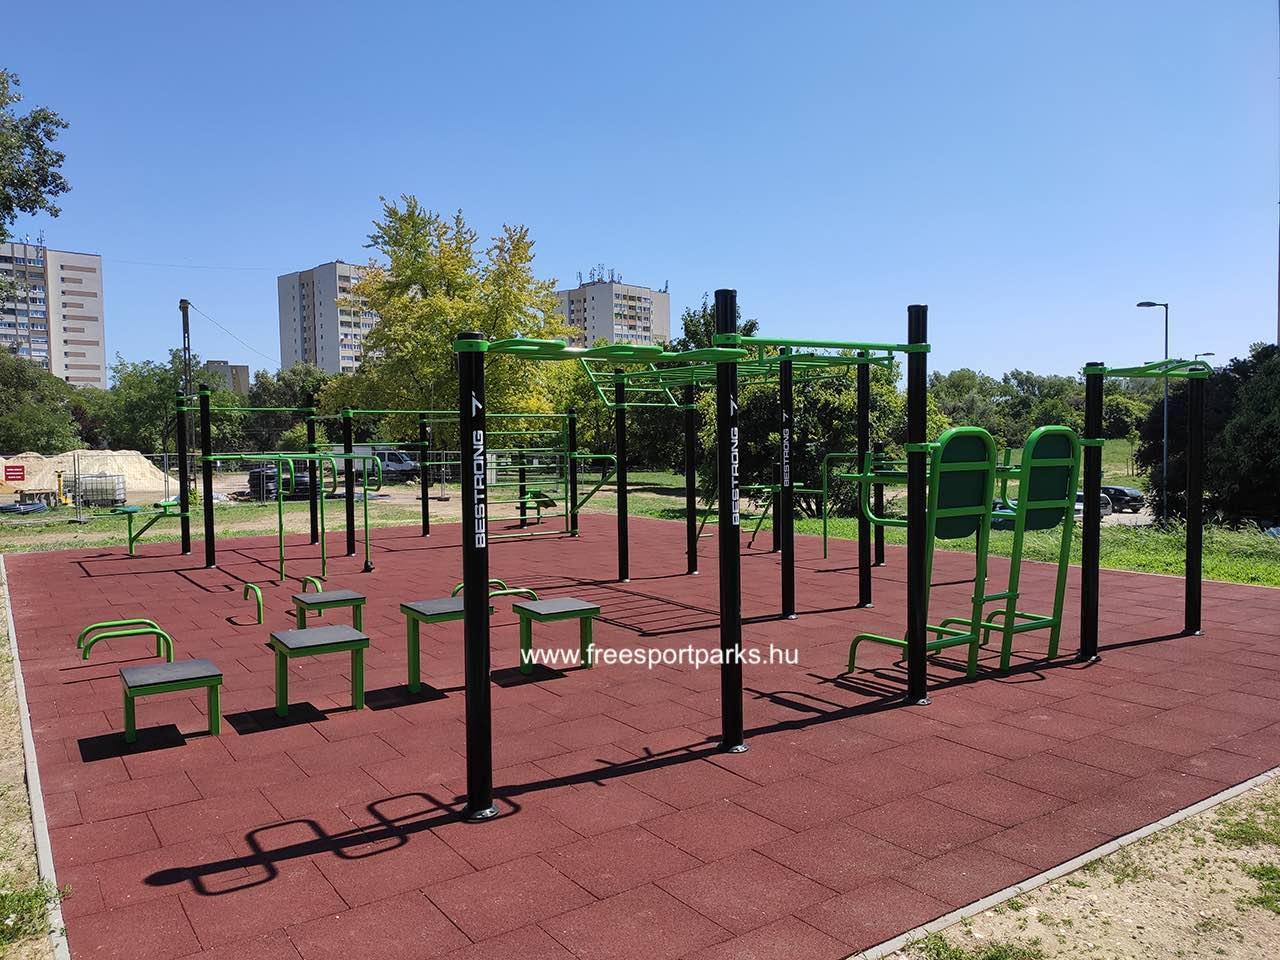 Lukács György utca (Békásmegyer) - Óbudai kondipark (Street Workout Park) - Free Sport Parks térkép